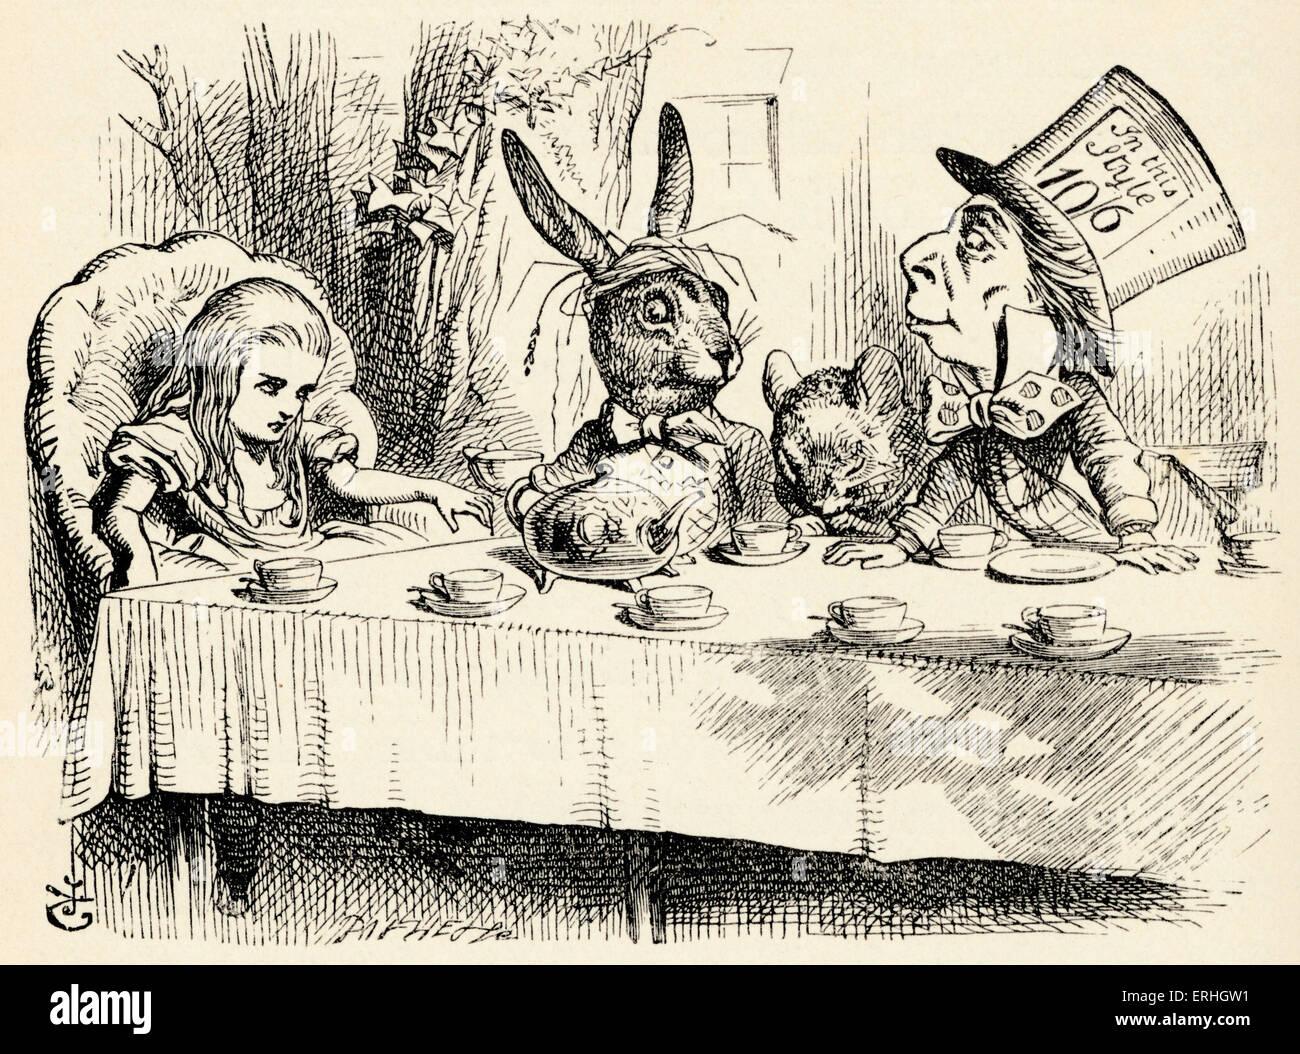 Erfreut Druckbare Tee Party Malvorlagen Galerie - Malvorlagen Von ...